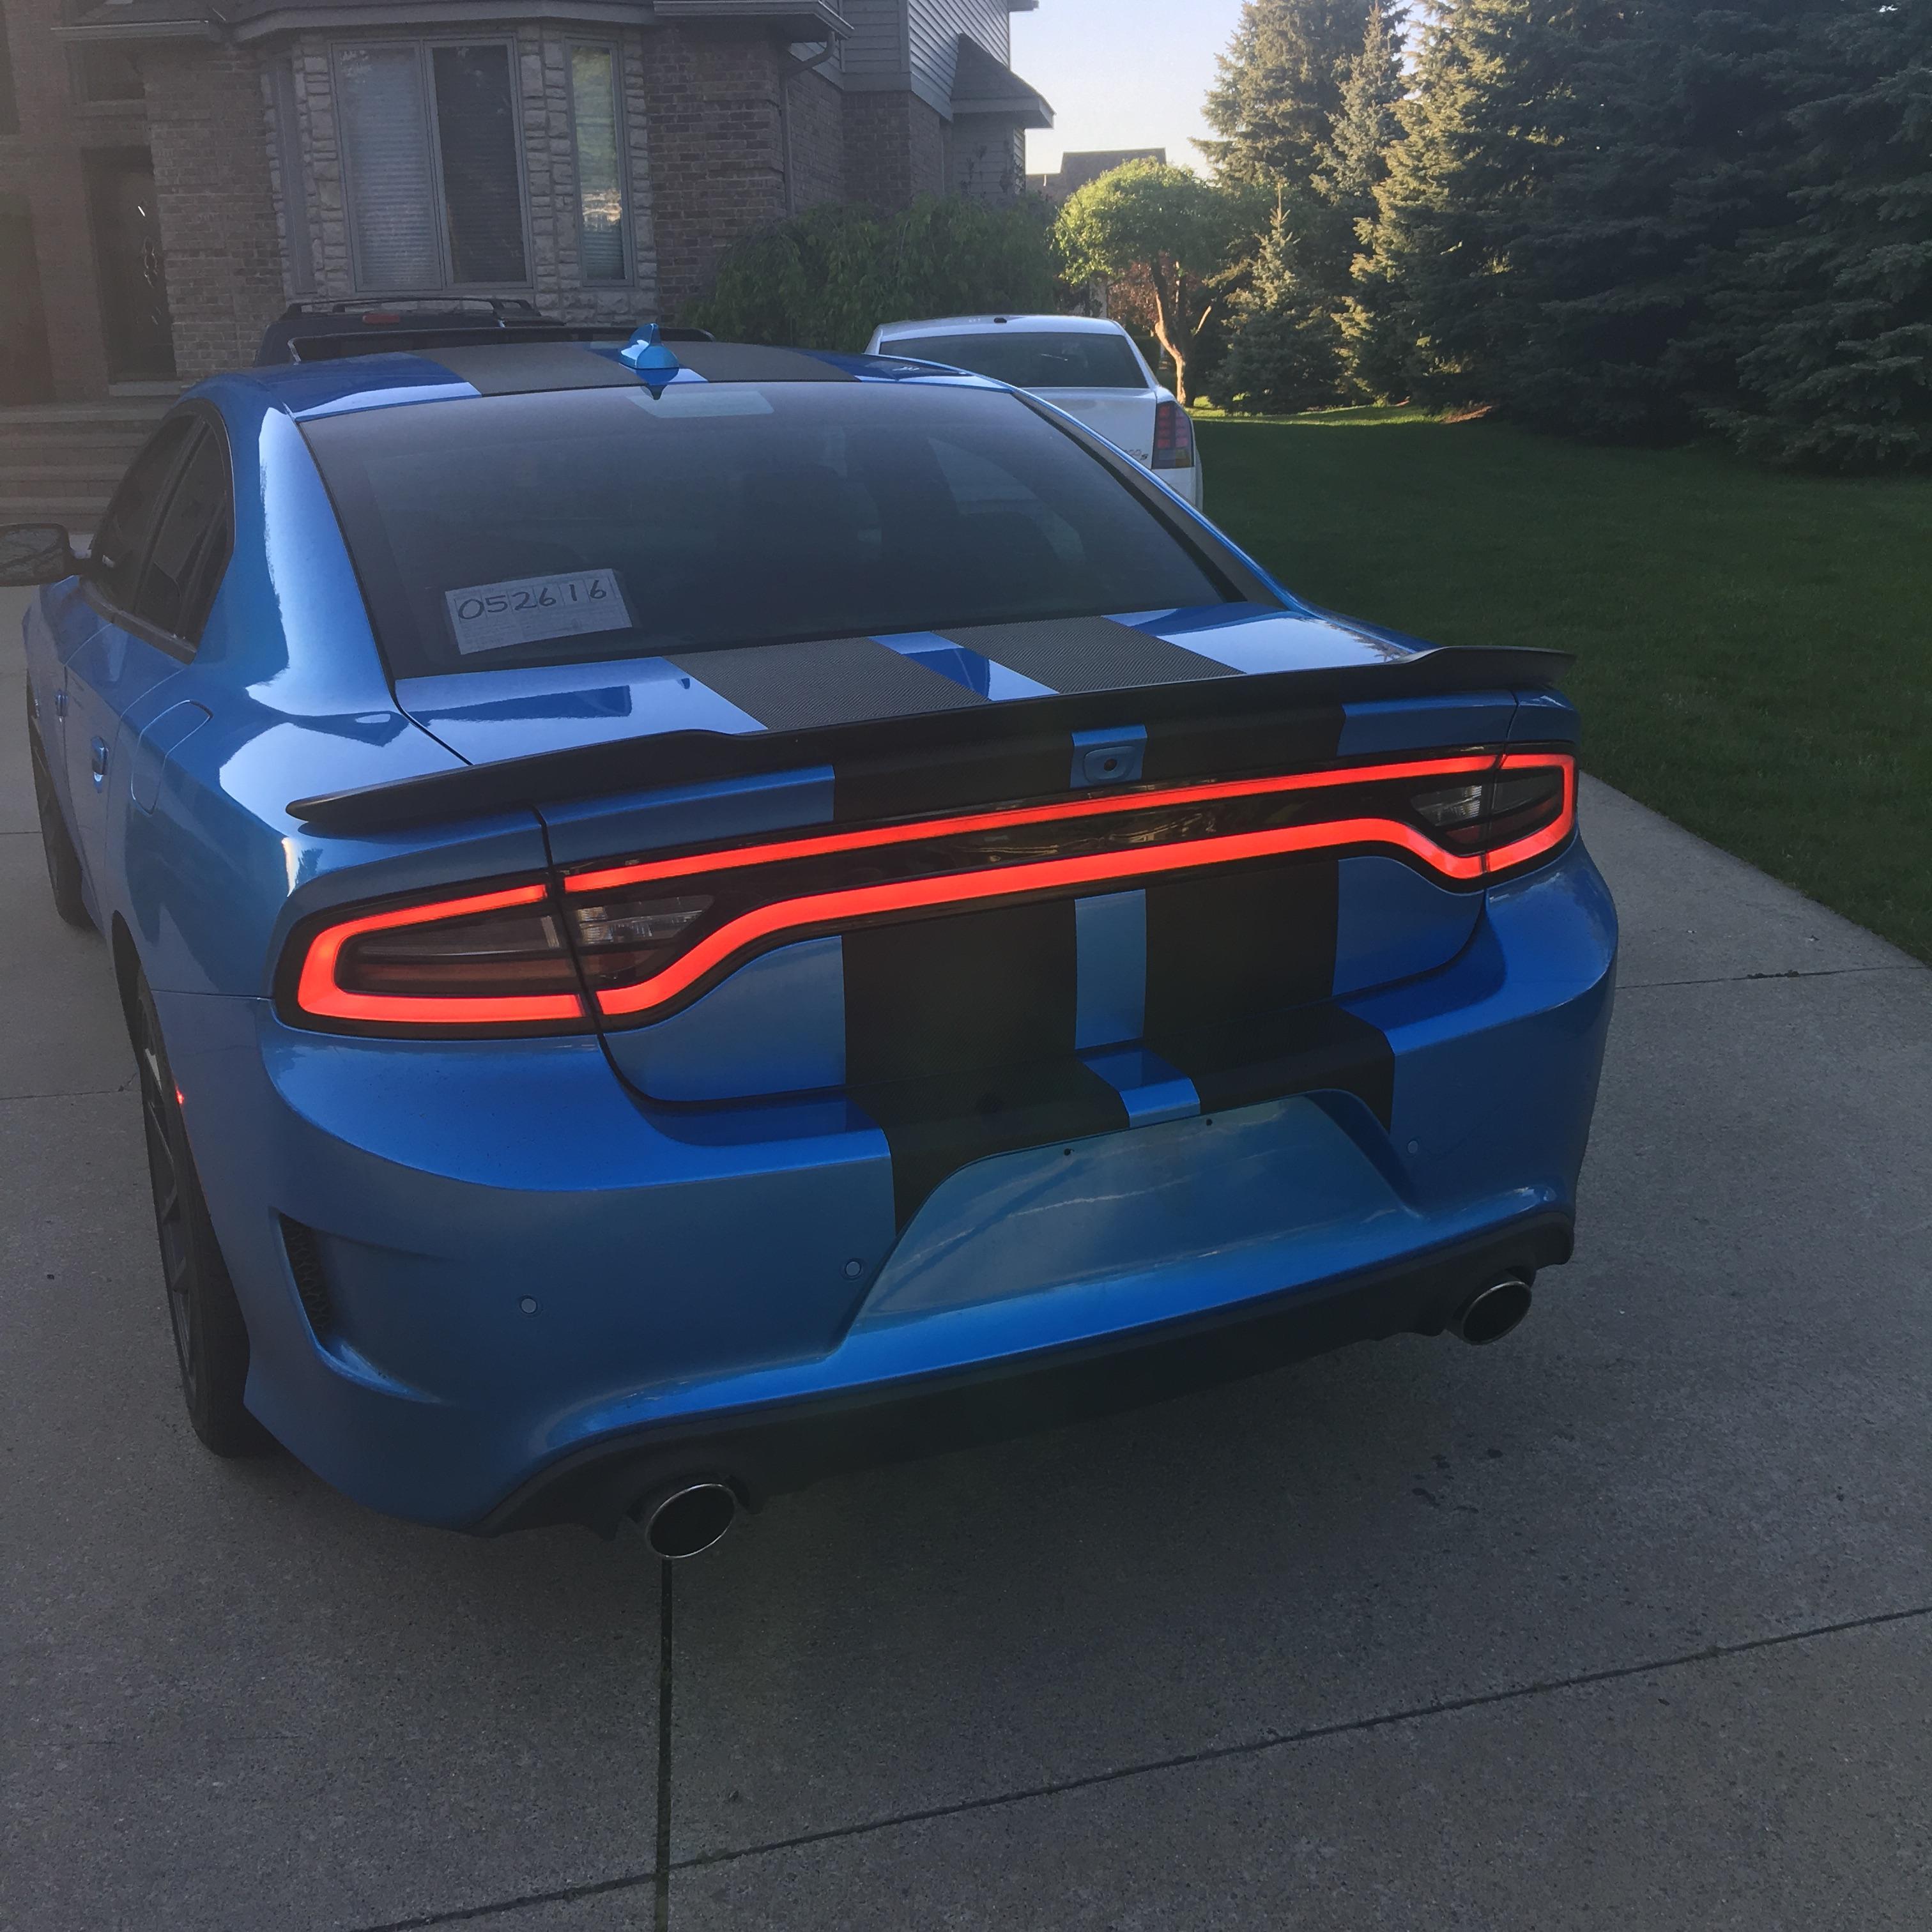 2016 Dodge Charger Scat Pack Gets Carbon Fiber Pattern